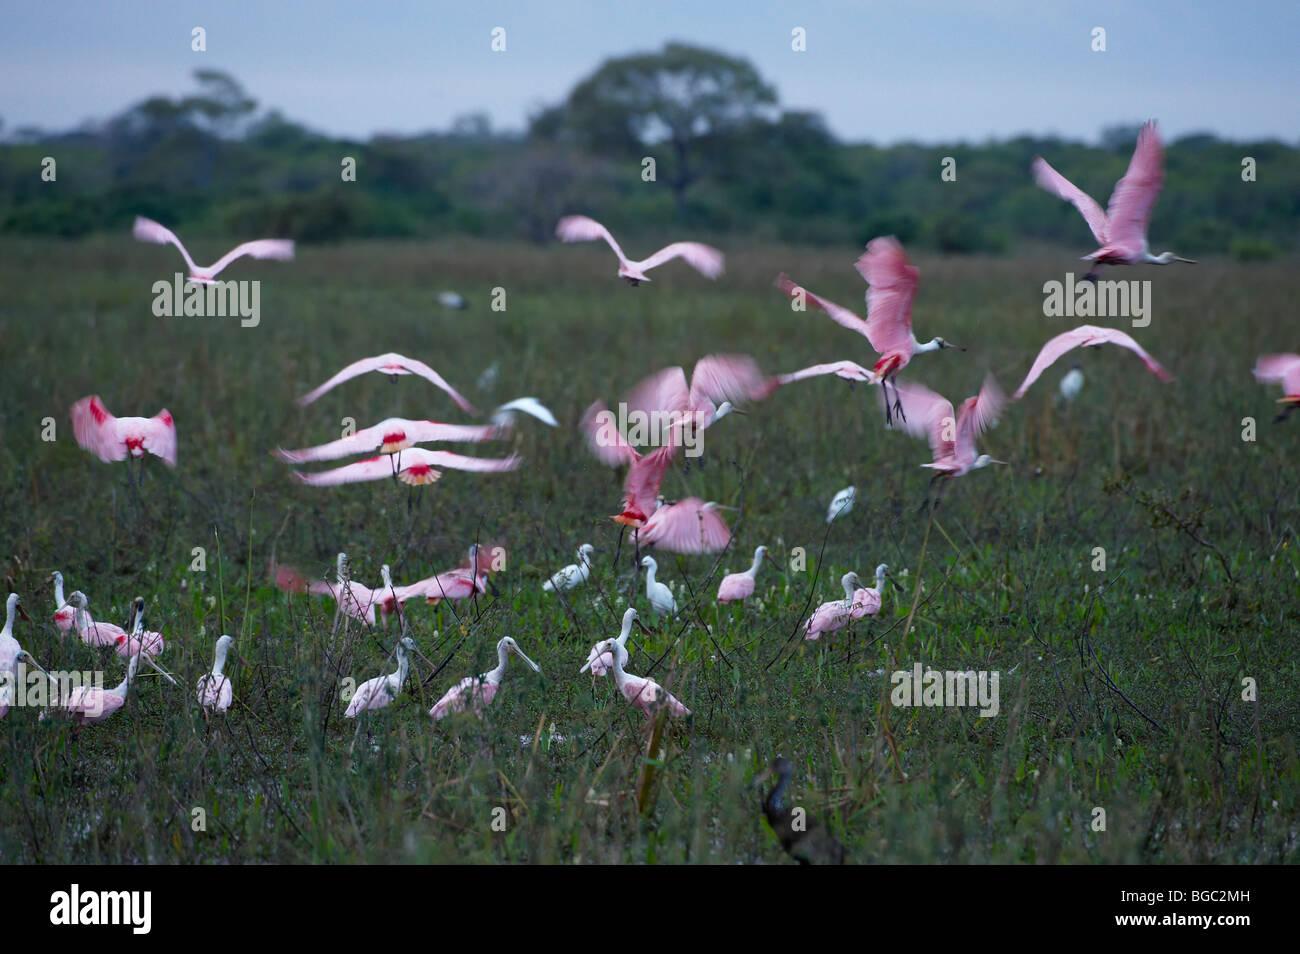 Flying Sterne de spatules de flou, Ajaja ajaja, Pantanal, Mato Grosso, Brésil, Amérique du Sud Photo Stock